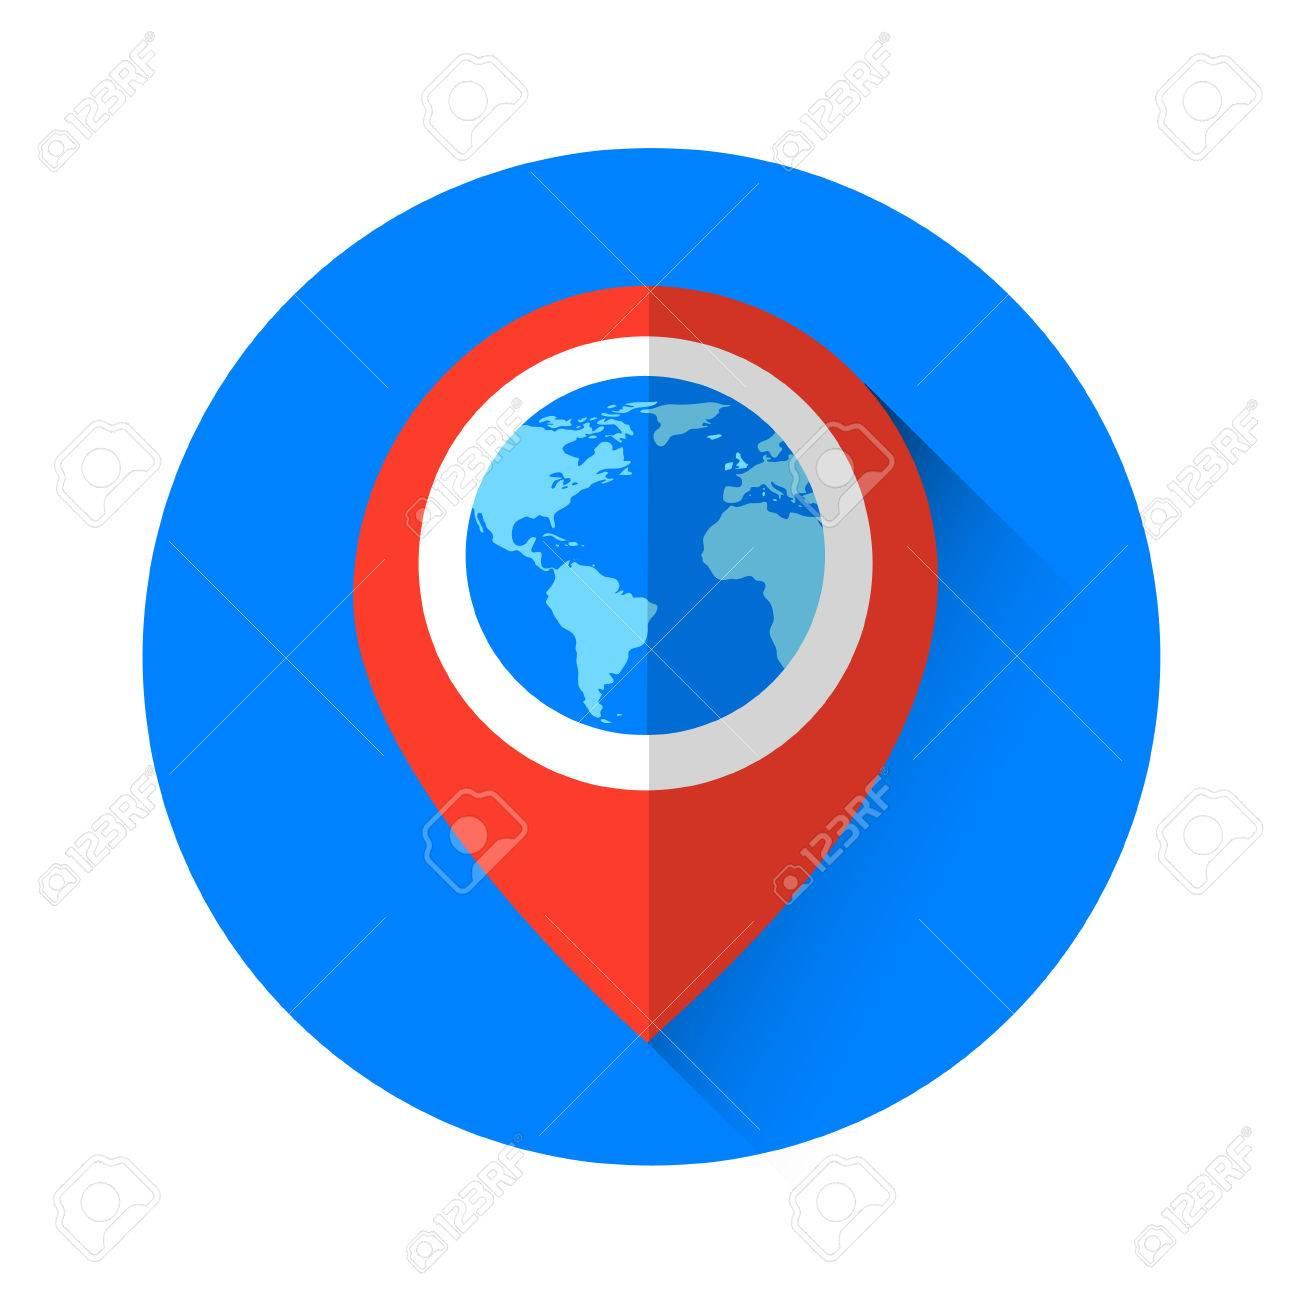 Globe navigation marker world map icon flat vector illustration globe navigation marker world map icon flat vector illustration stock vector 59813650 gumiabroncs Choice Image